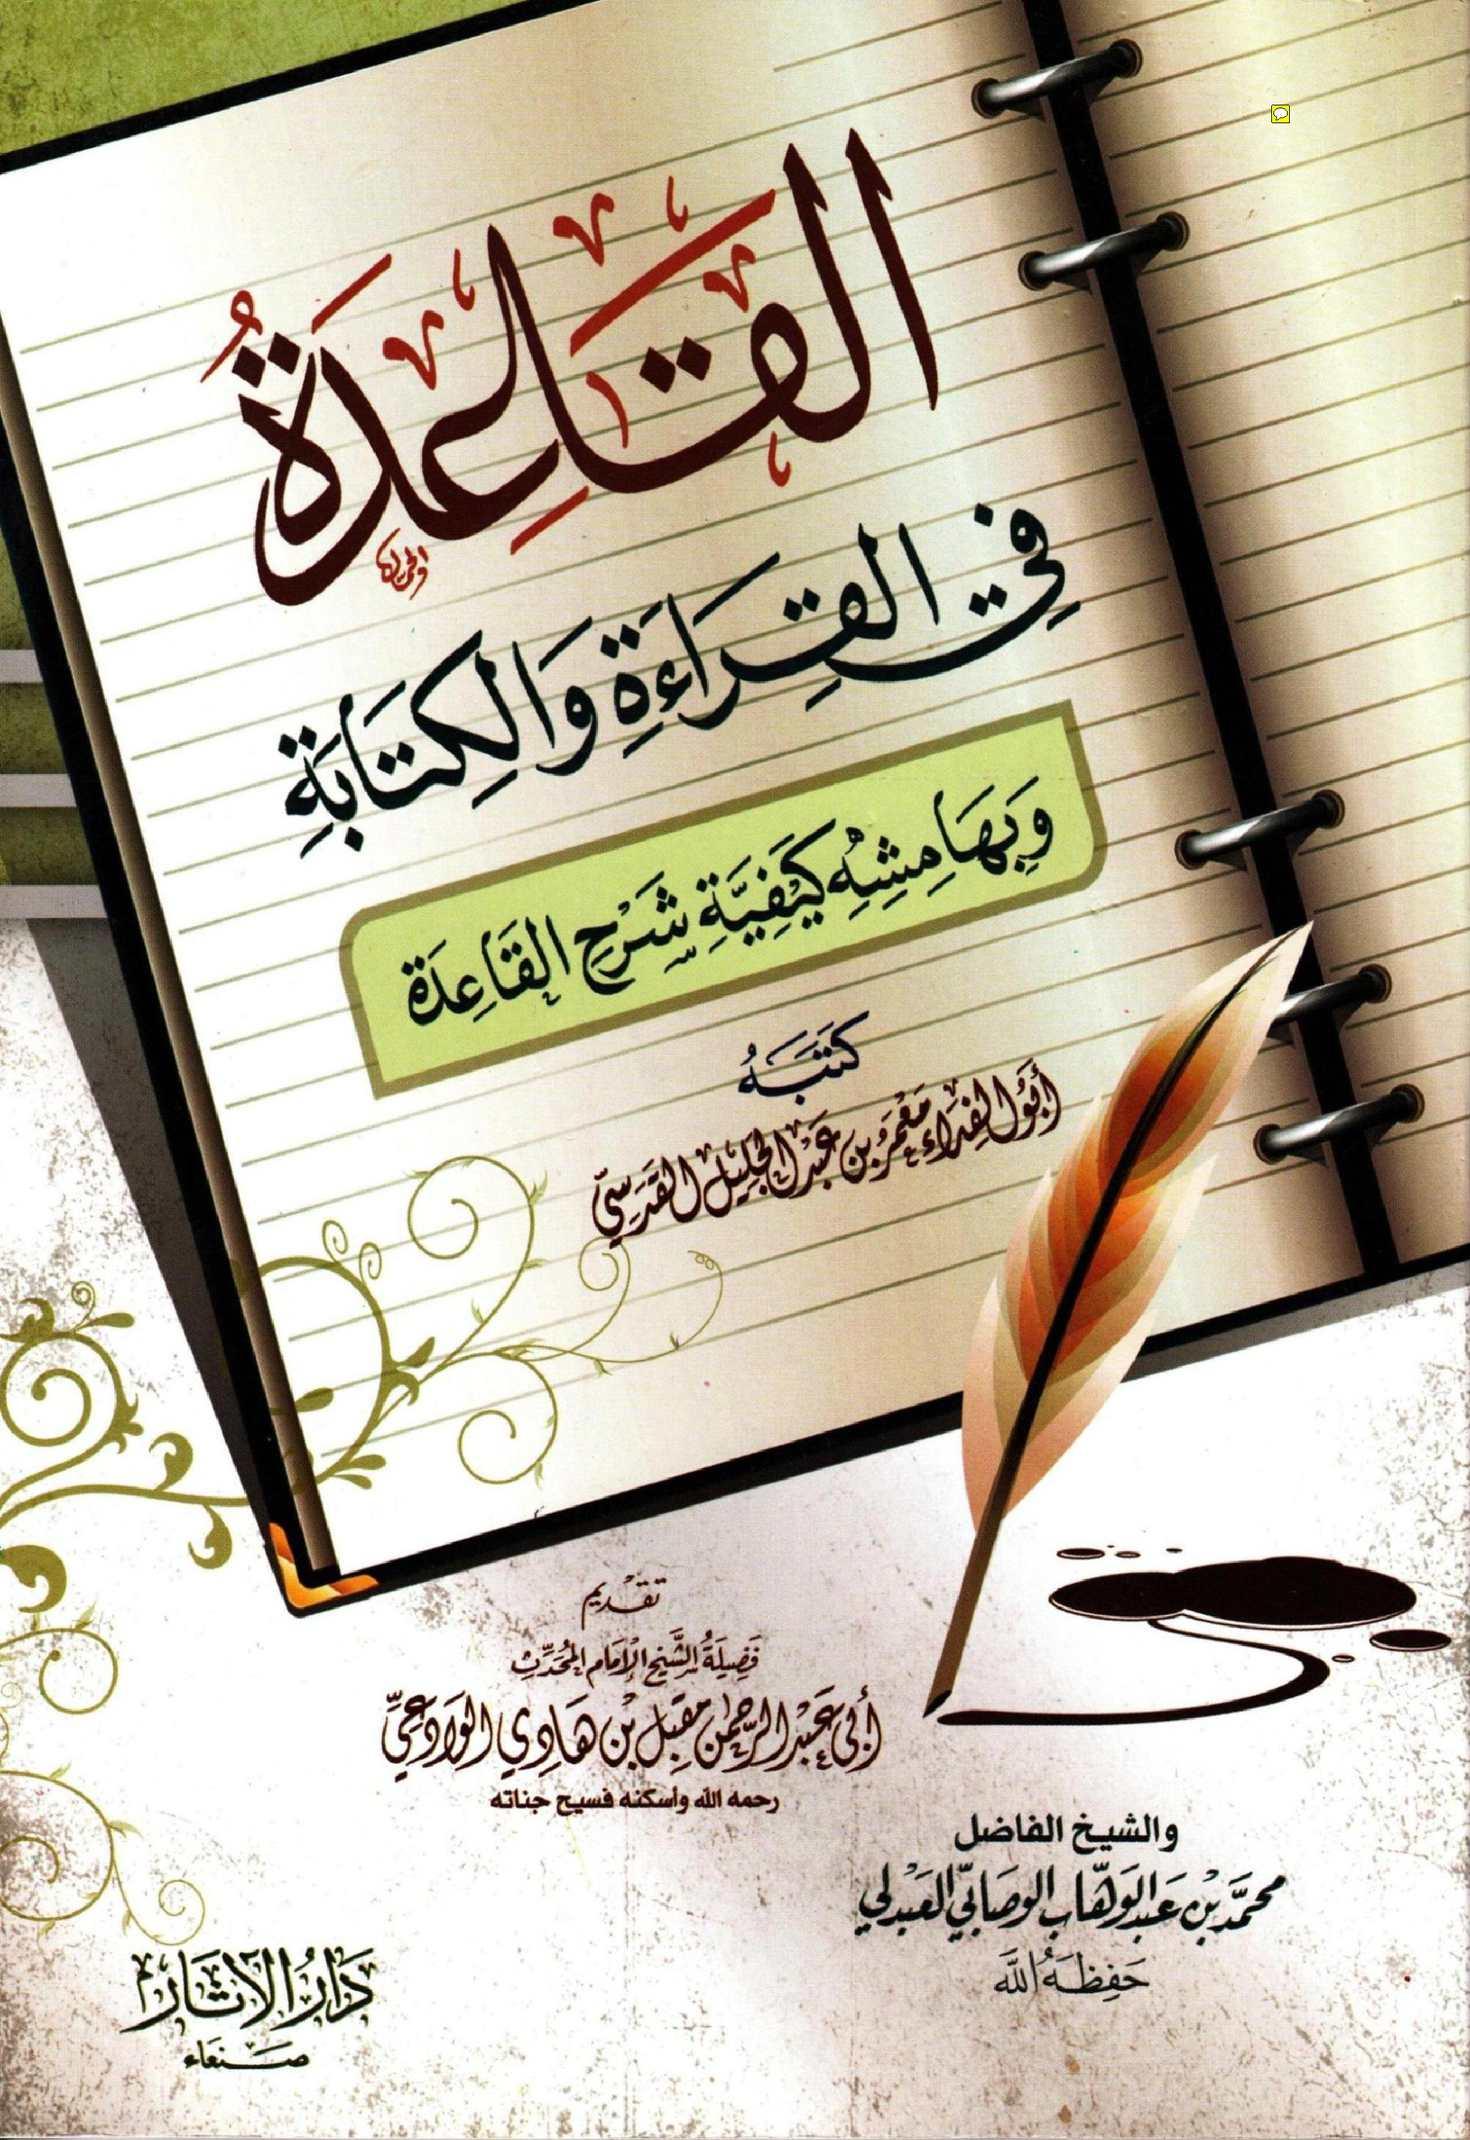 القاعدة في القراءة والكتابة